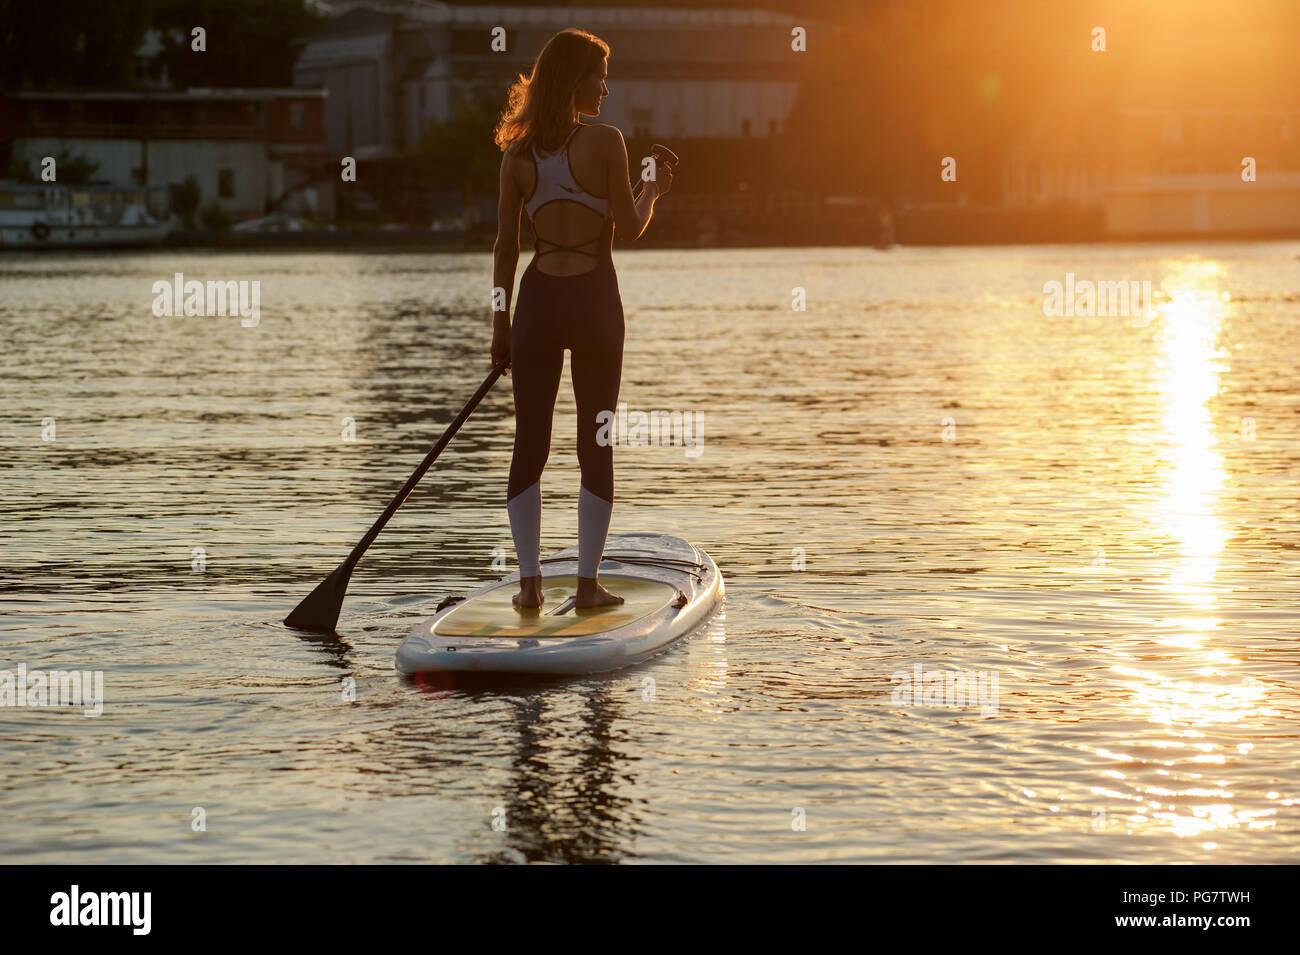 Stand Up Paddle board yoga effectué par belle fille sur la ville lumineuse, l'arrière-plan de formation de yoga sur la plage Photo Stock